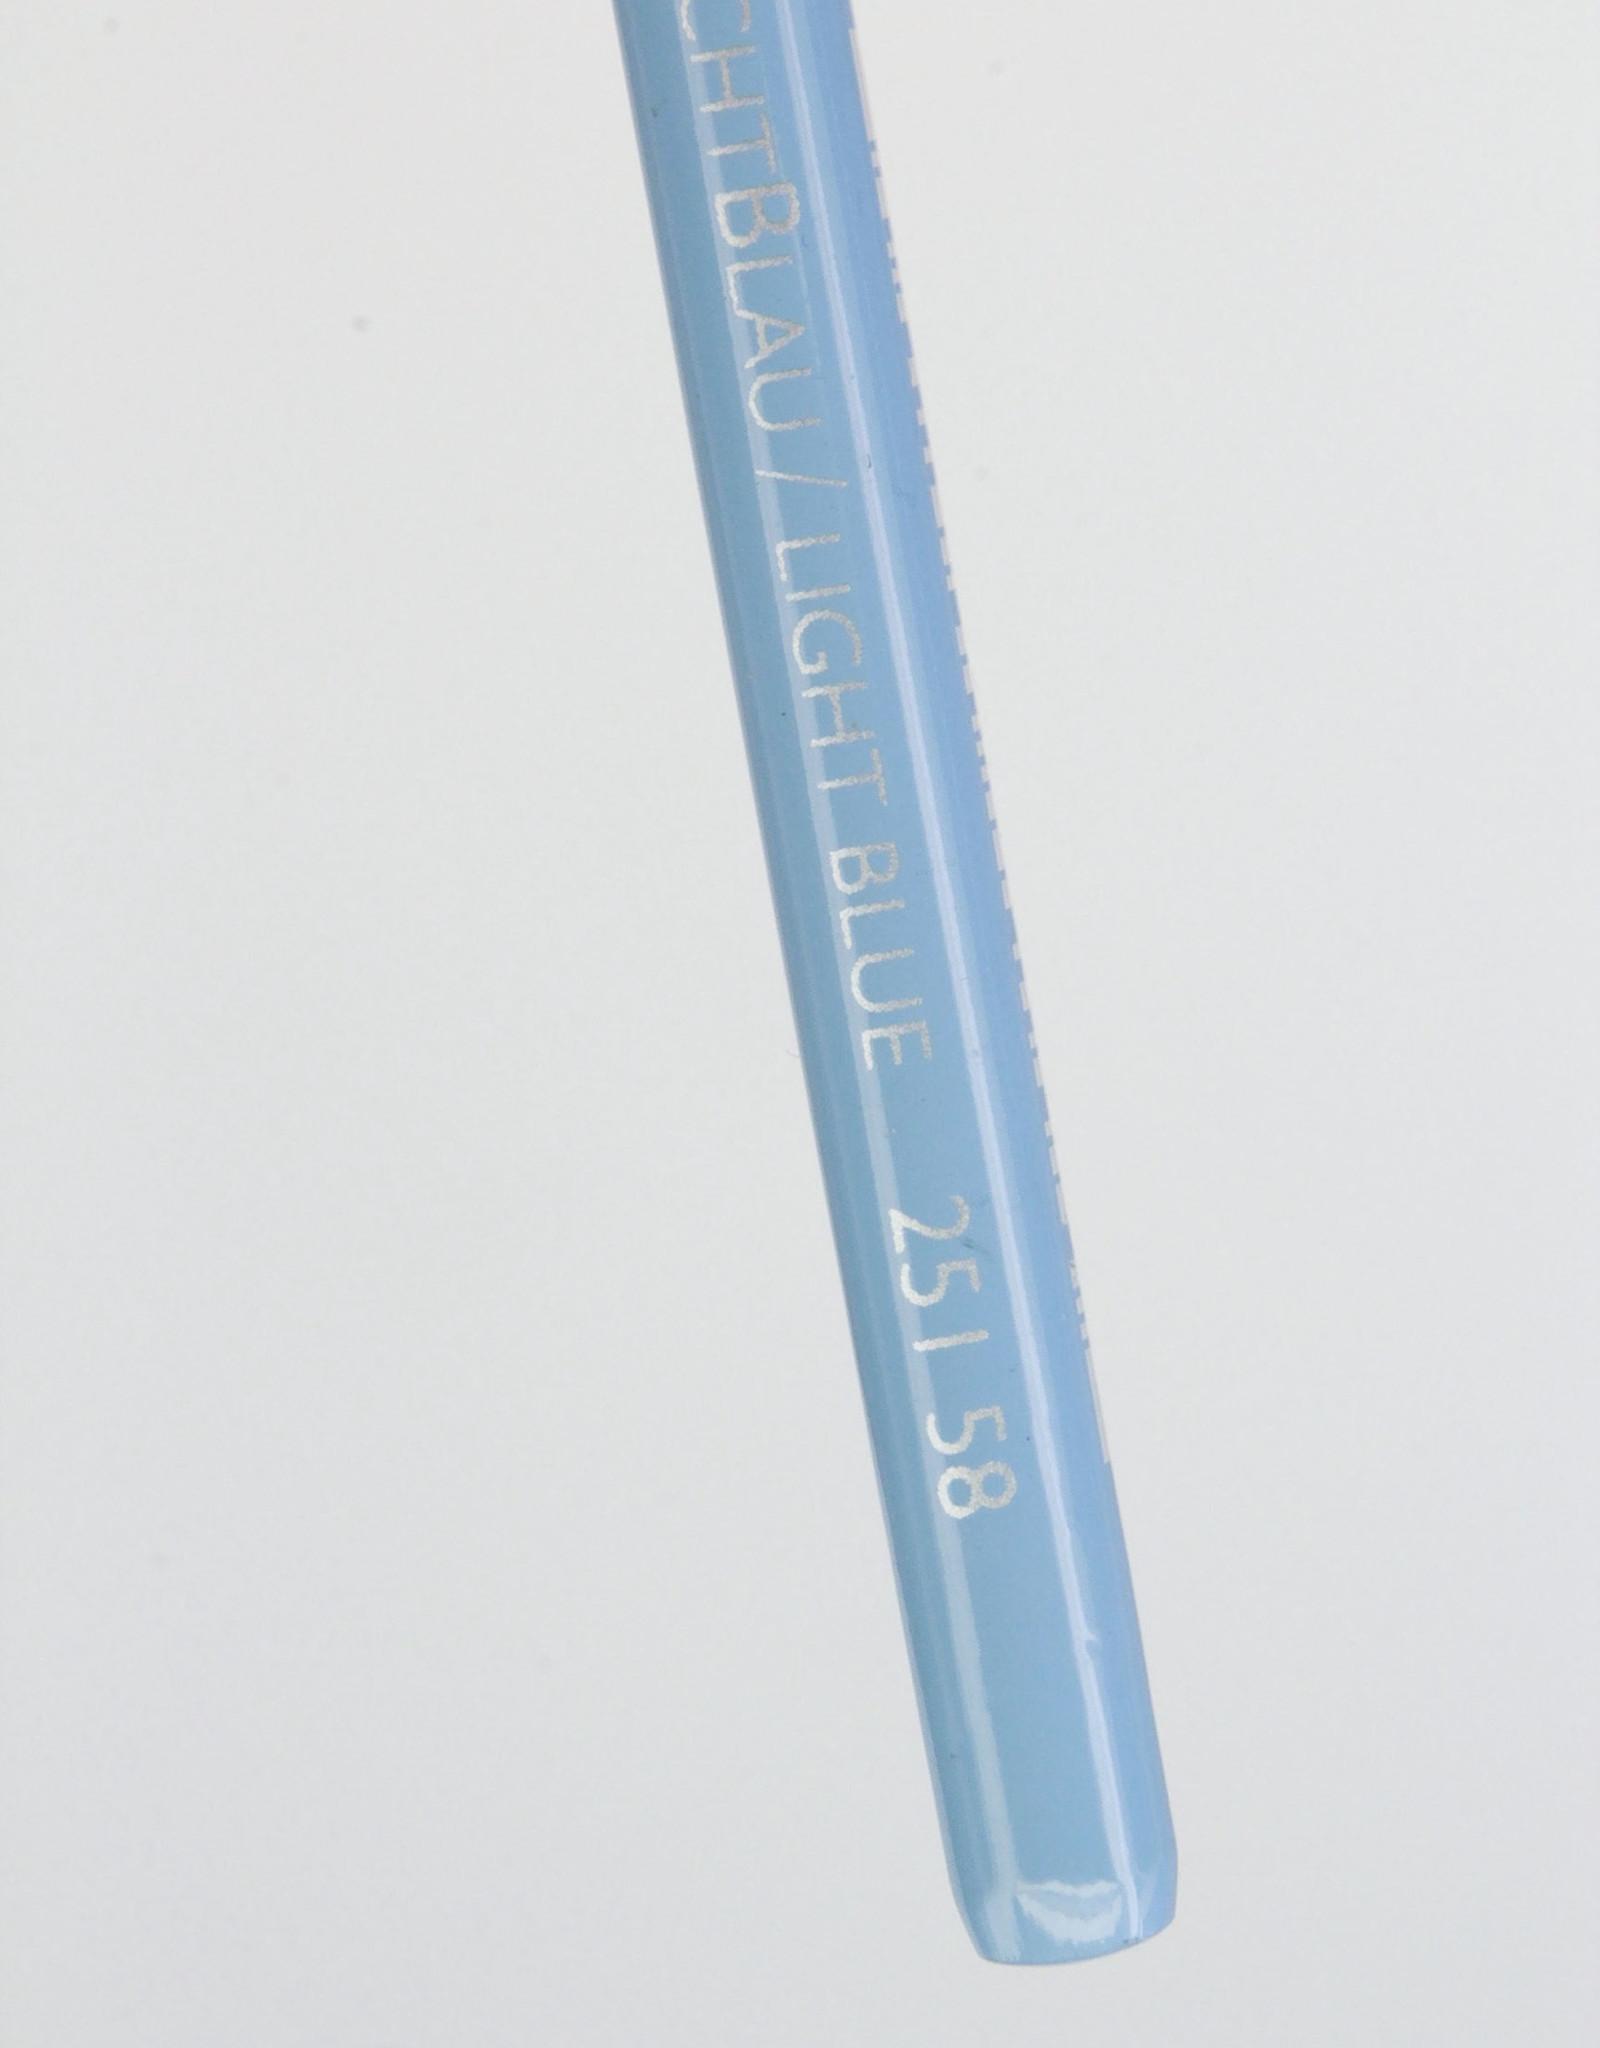 Cretacolor, Aqua Monolith Pencil, Light Blue